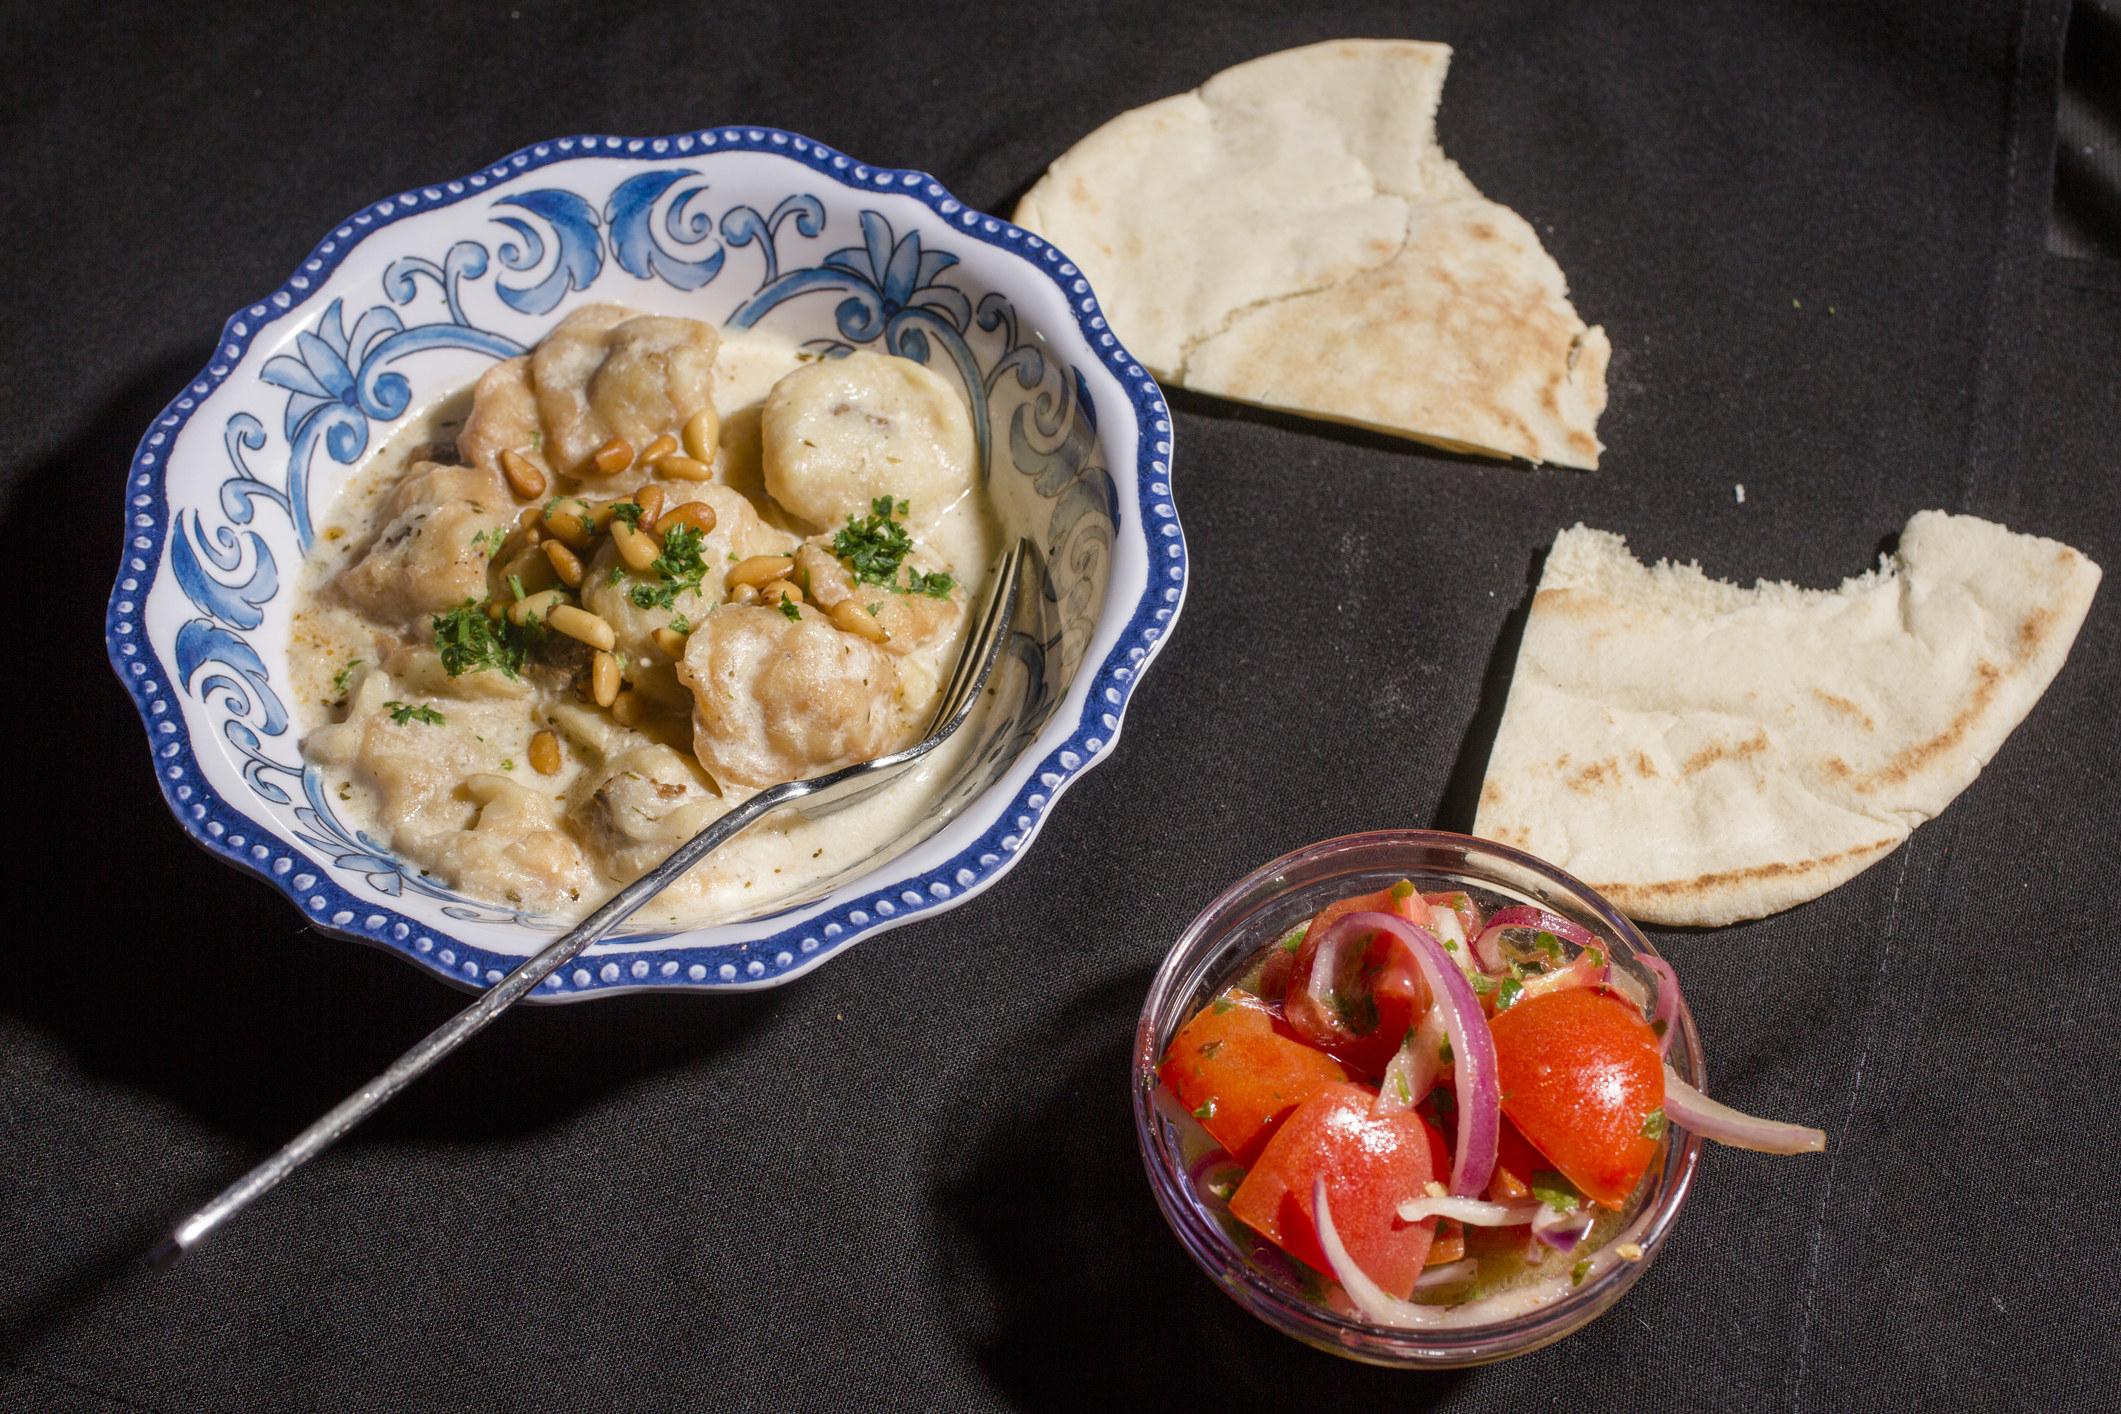 Lebanese shish barak with tomato salad and pita.